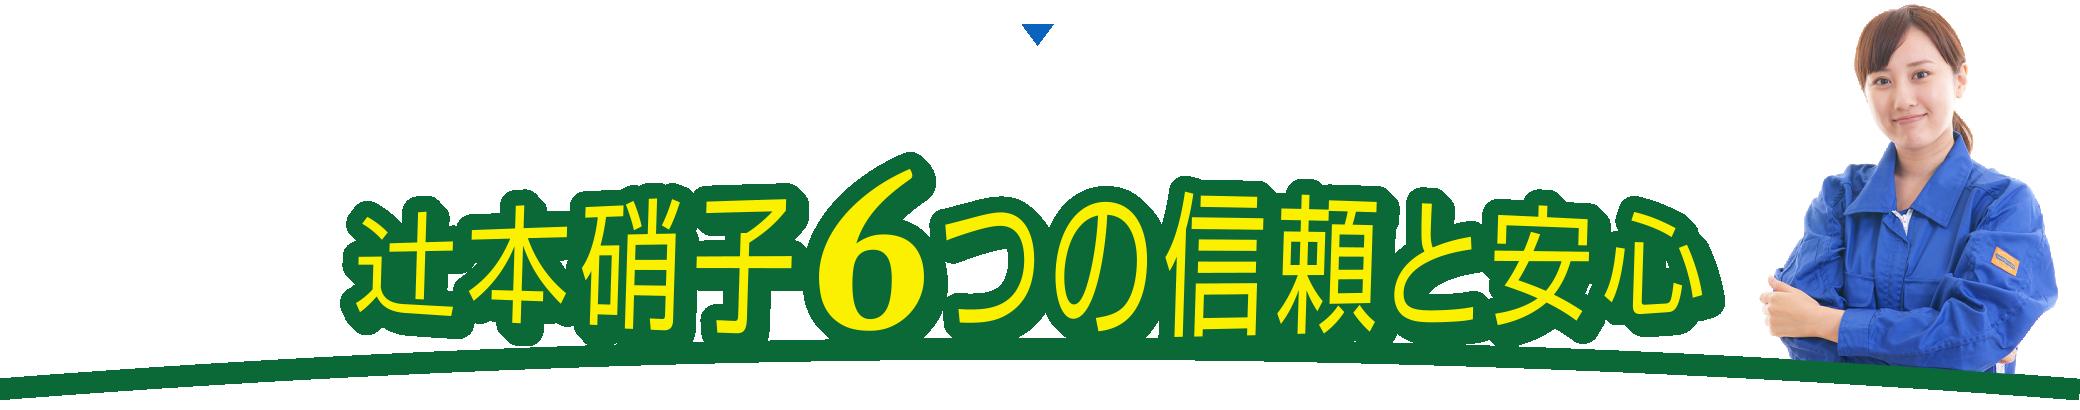 辻本硝子6つの信頼と安心